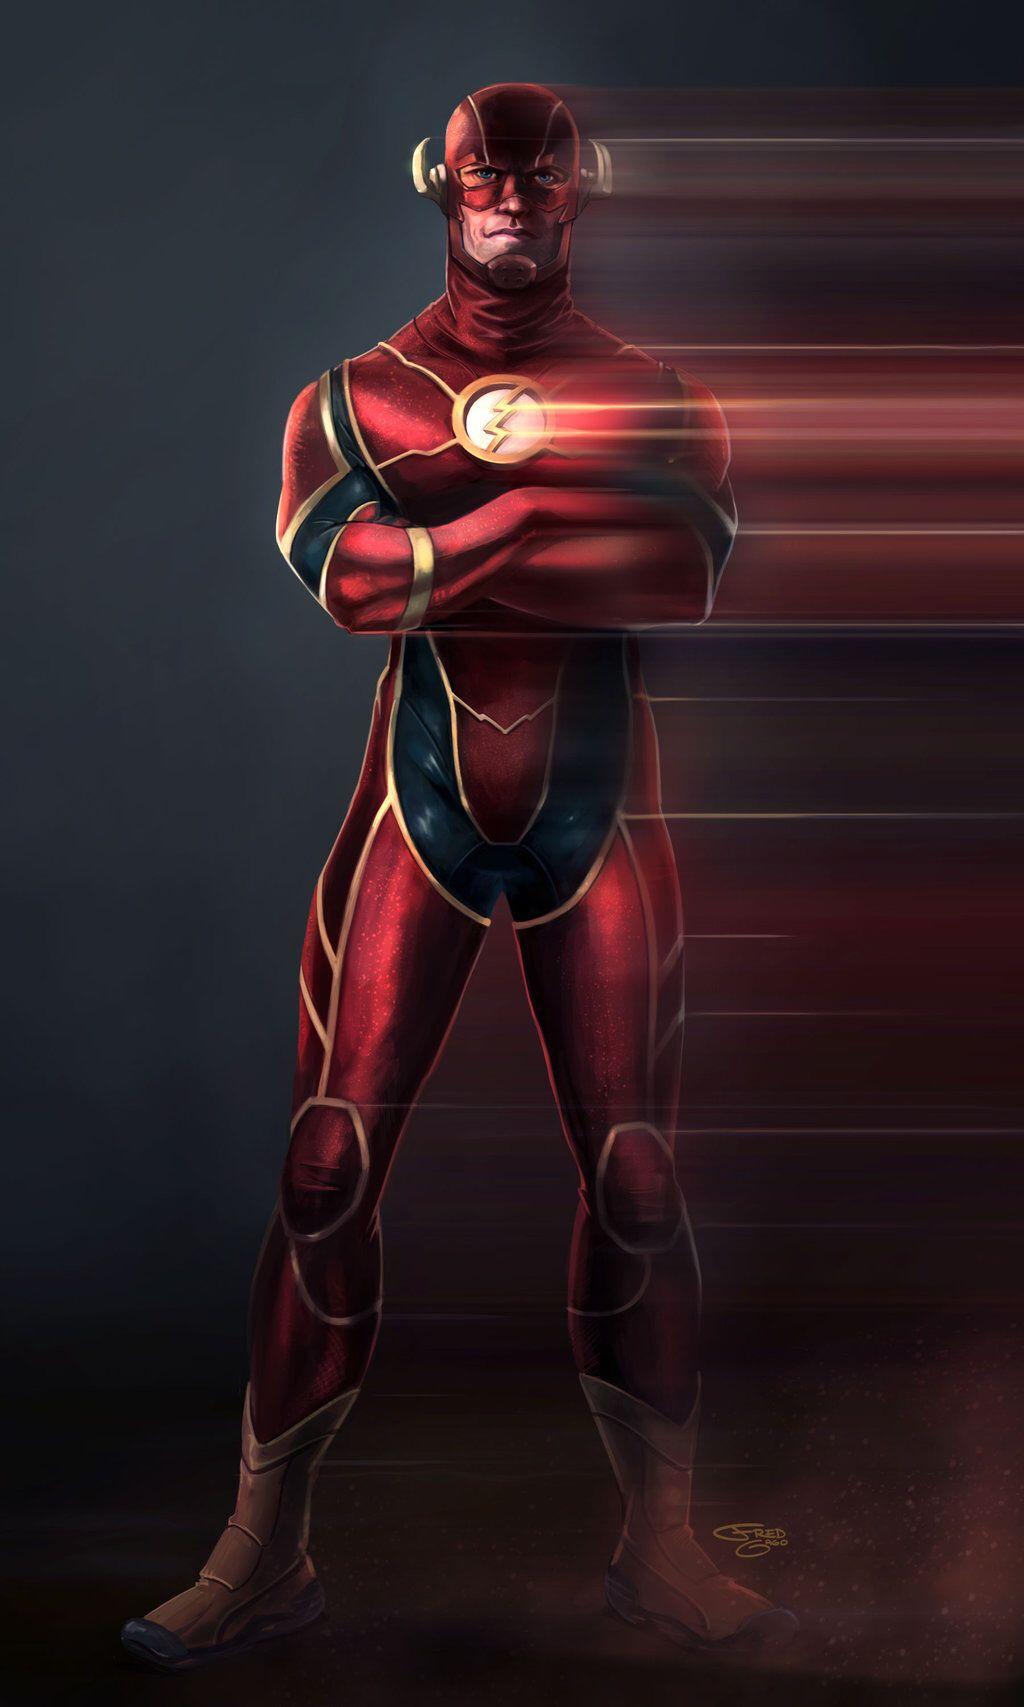 Best 25 flash comics ideas on pinterest superheroes - Super hero flash ...